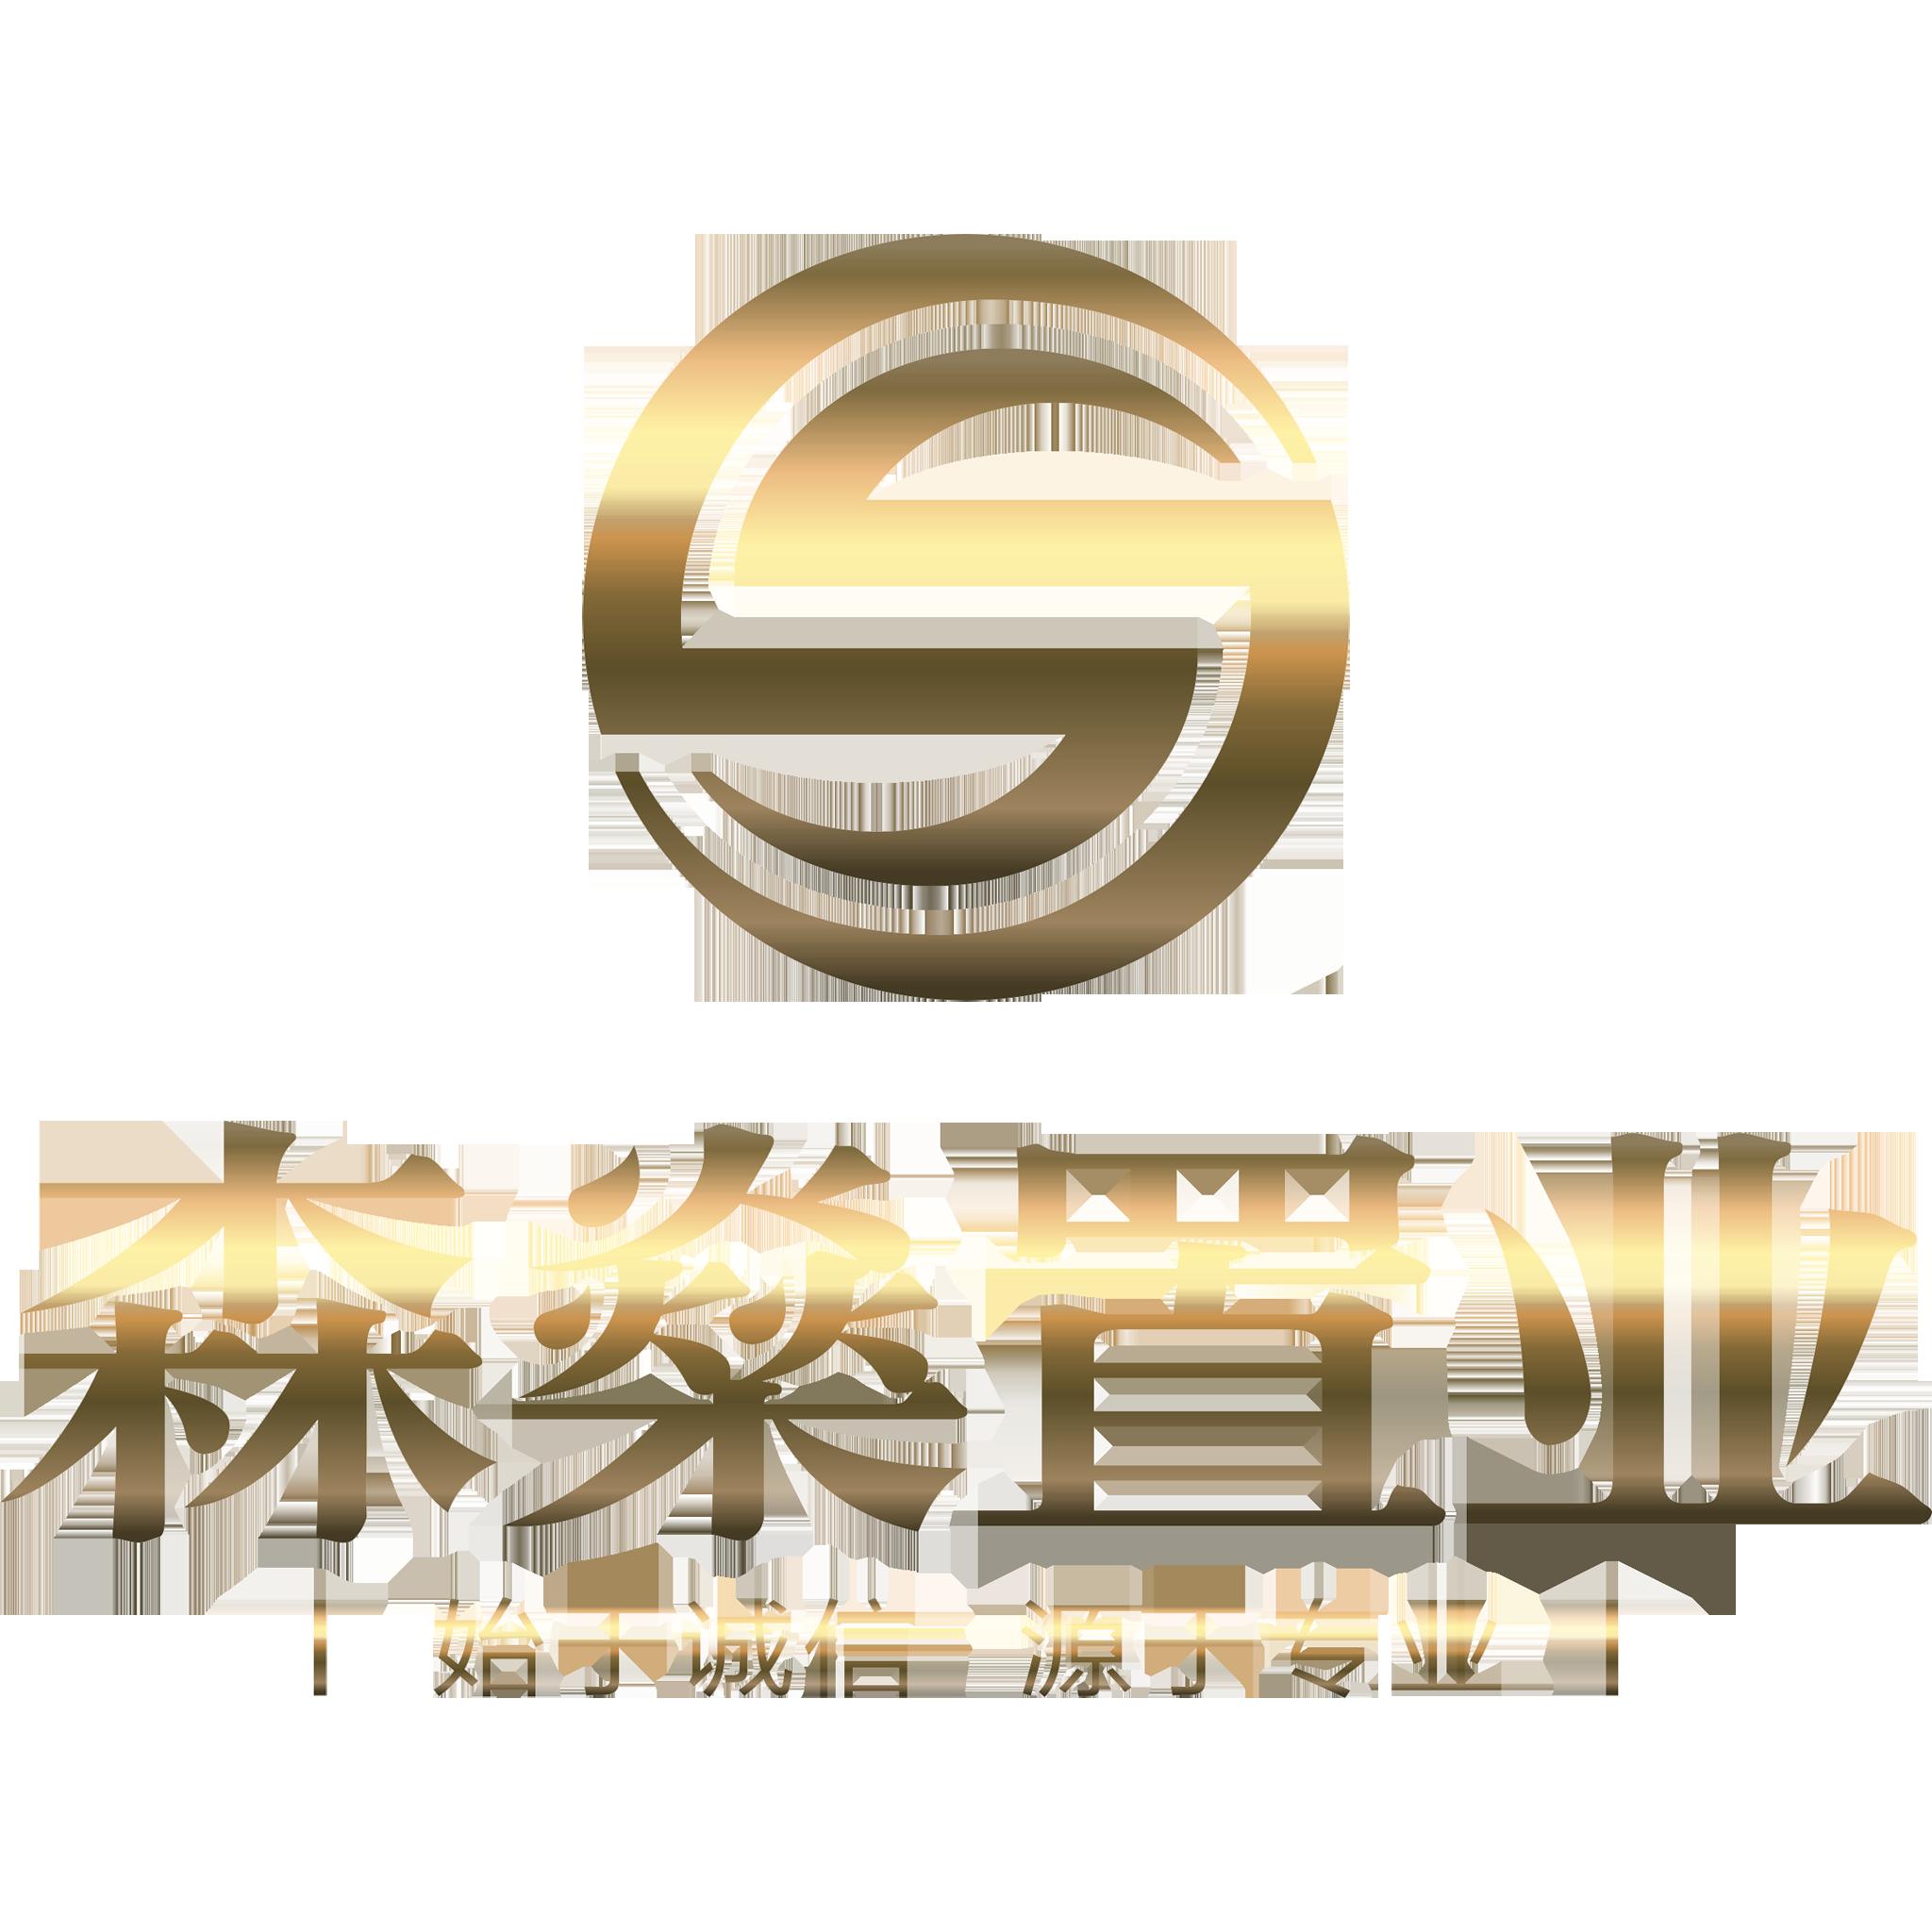 【森燊置業】柳州森燊置業投資有限公司招聘:公司標志 logo